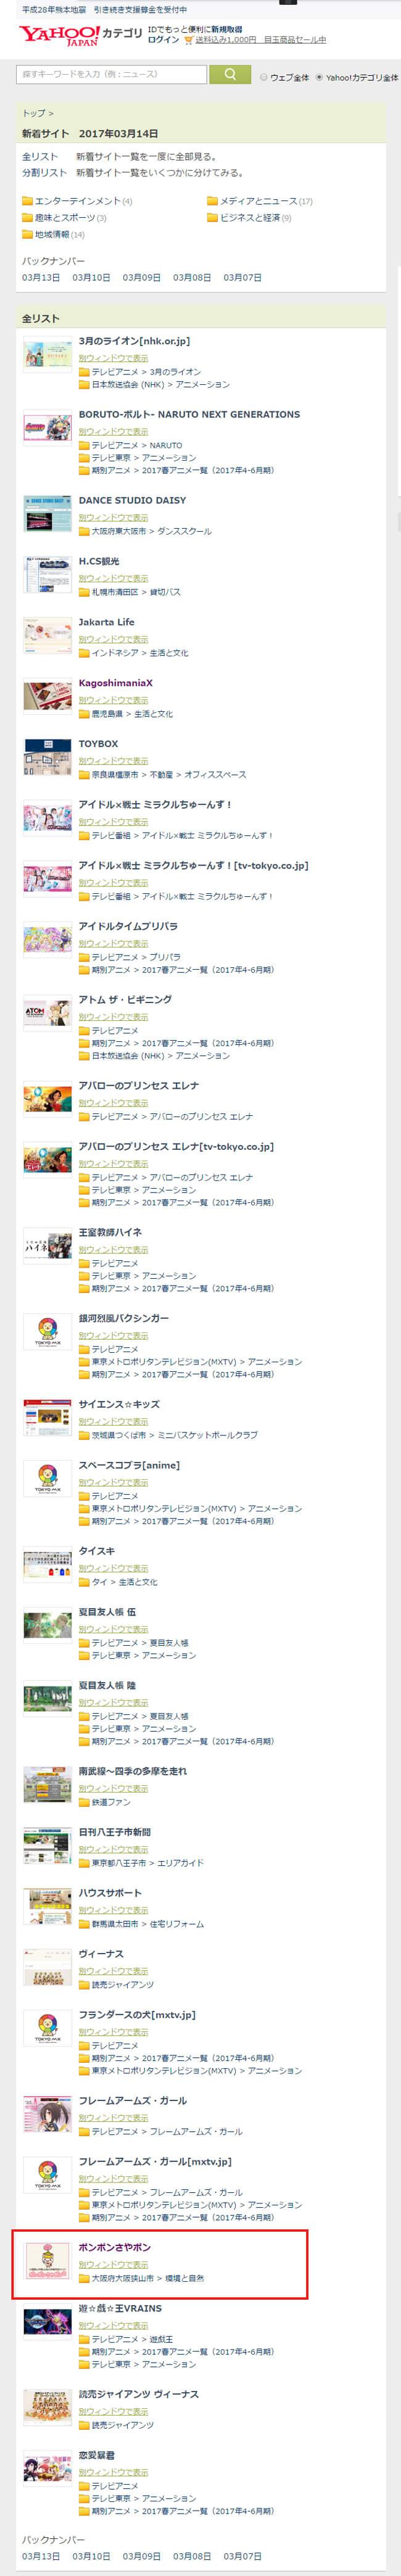 大阪狭山市の情報発信サイト『ポンポンさやポン』がYahoo!カテゴリに登録されました